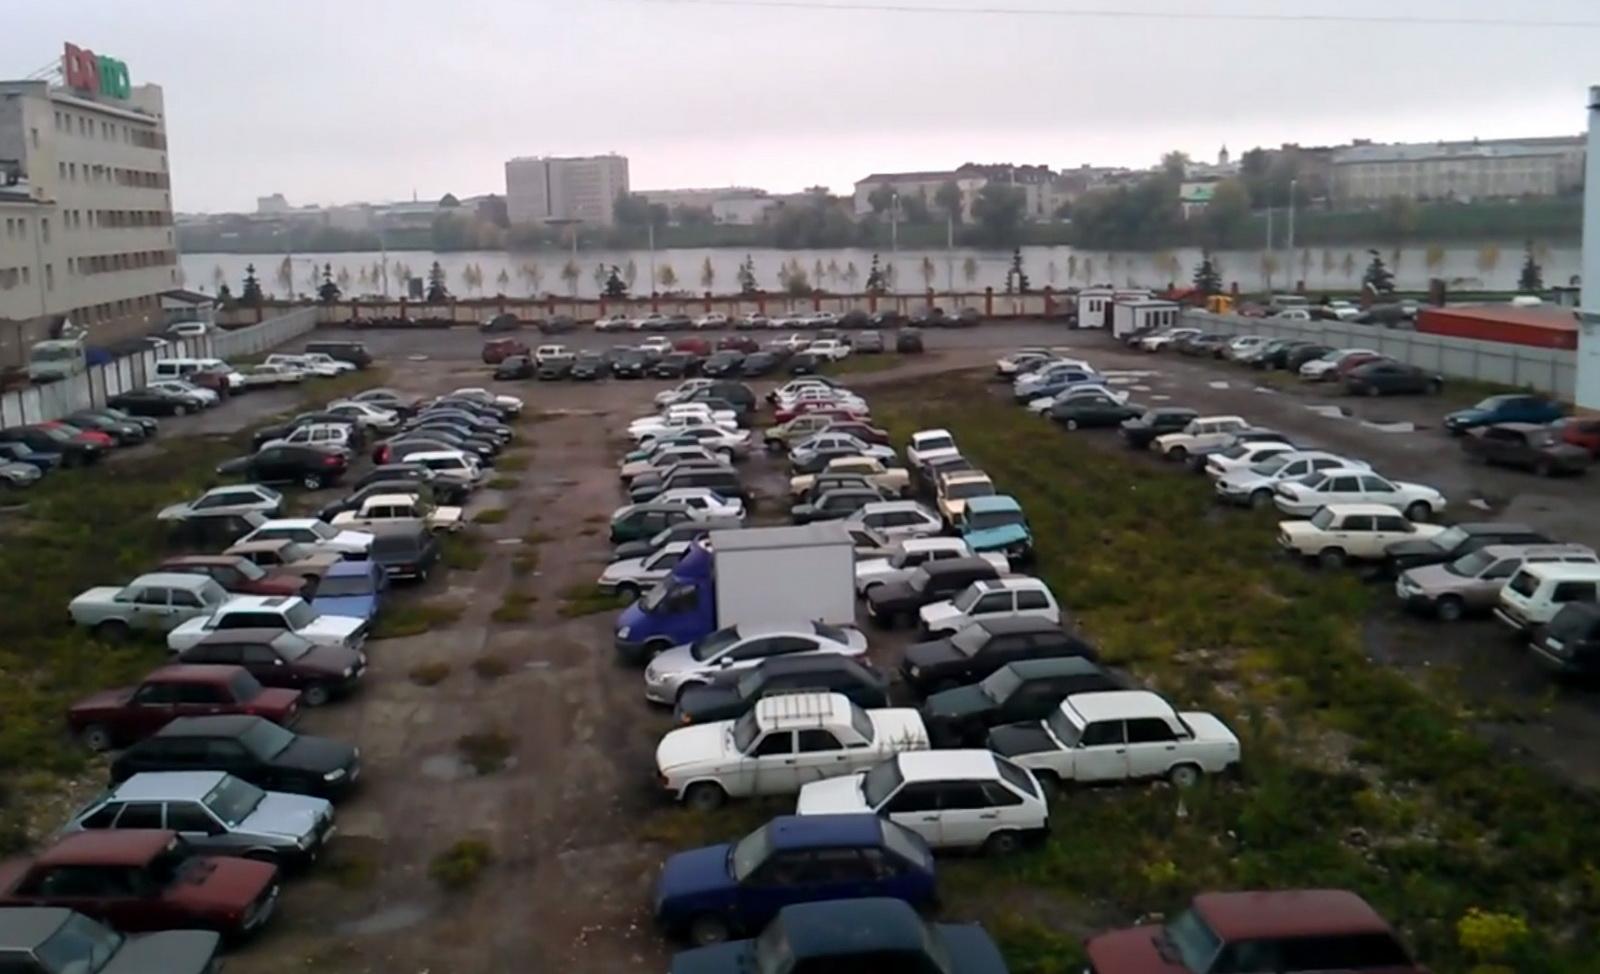 Штрафстоянки Саратова. Эвакуатор автомобилей в Саратове.